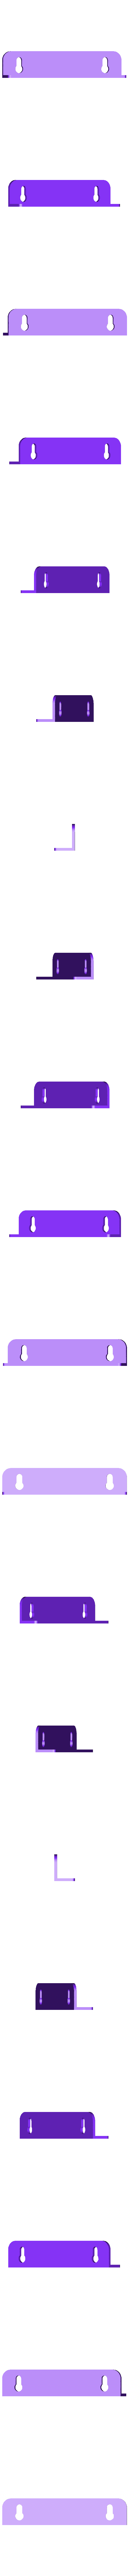 Wiha_7pc_26792.stl Télécharger fichier STL gratuit Porte-vis de précision Wiha • Objet imprimable en 3D, Masterkookus